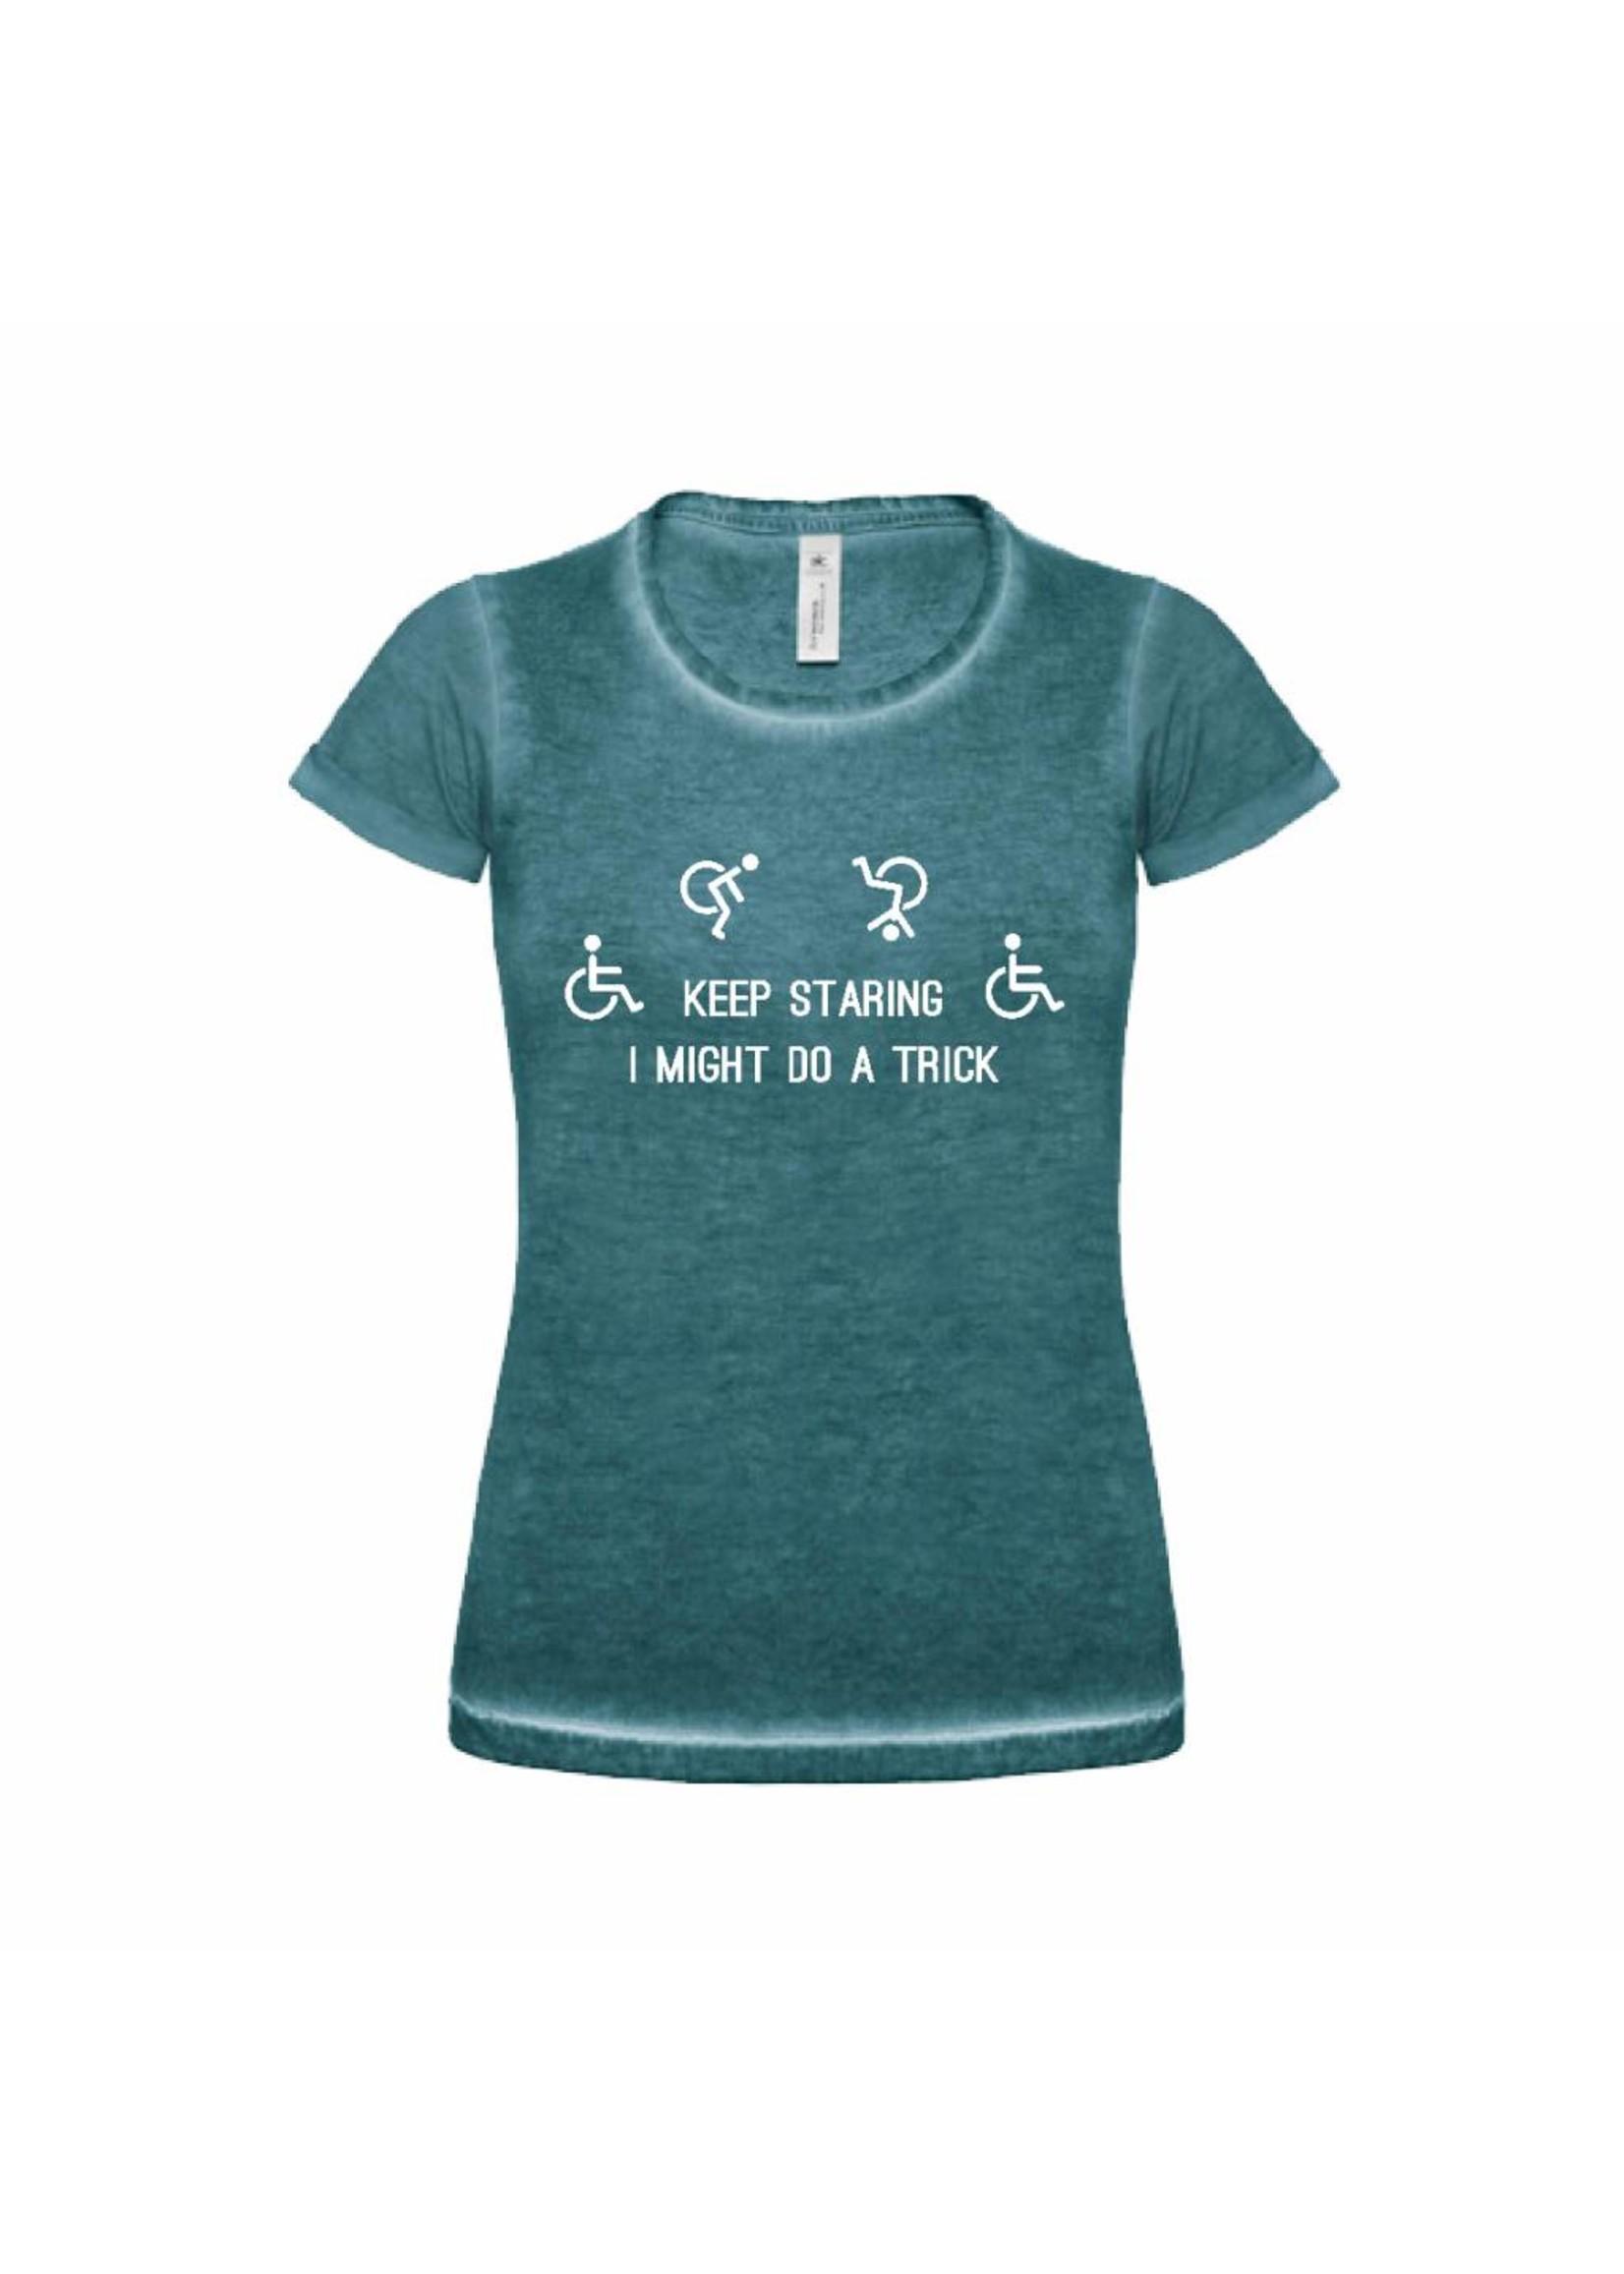 Keep staring rolstoel t-shirt - groen